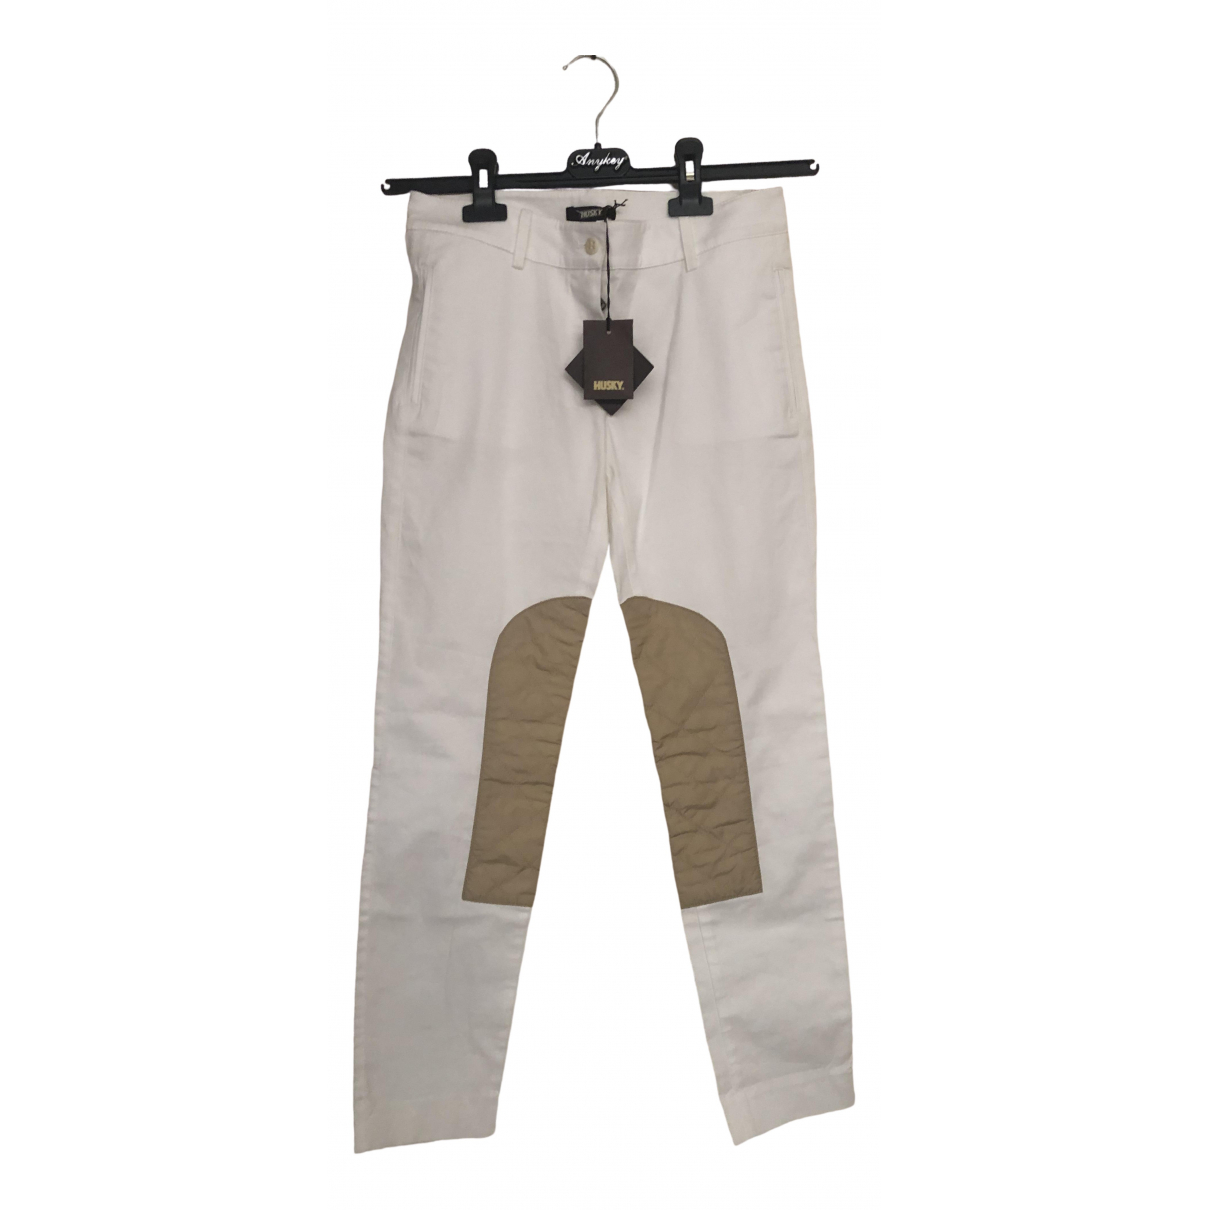 Pantalon en Algodon Blanco Husky